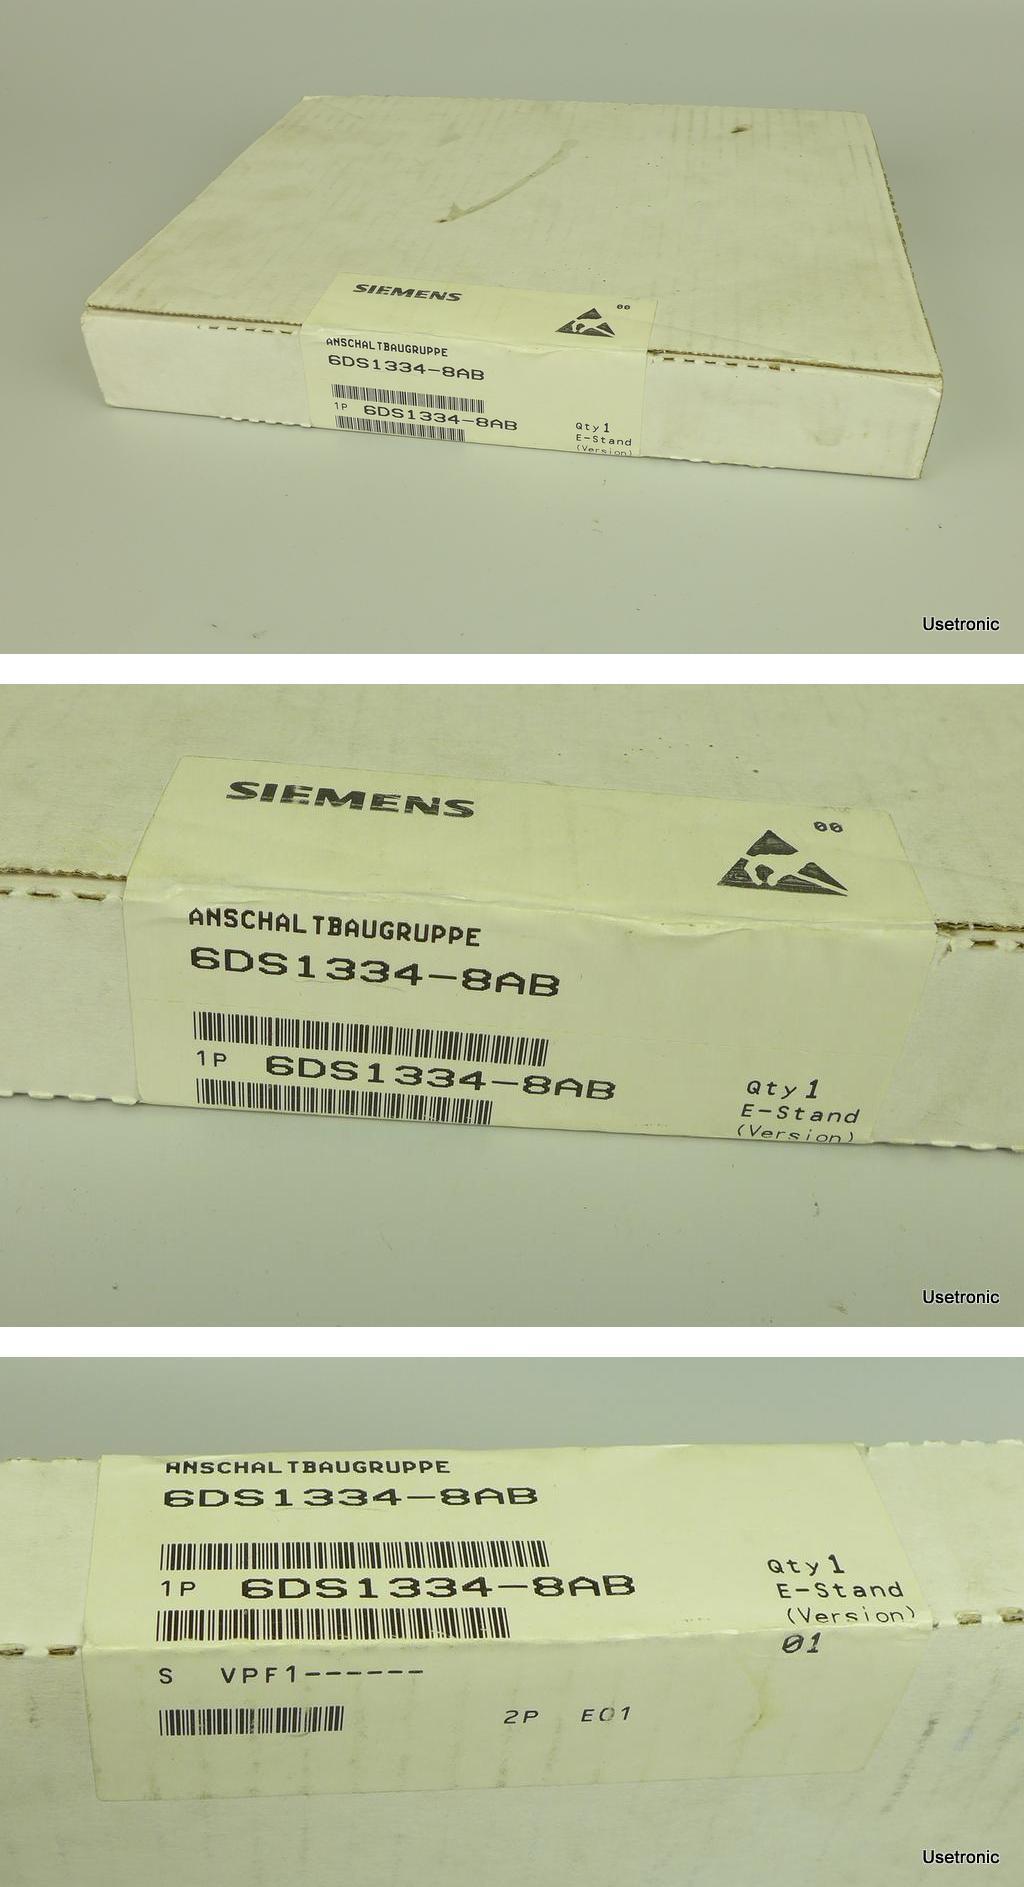 Siemens 6DS1334-8AB